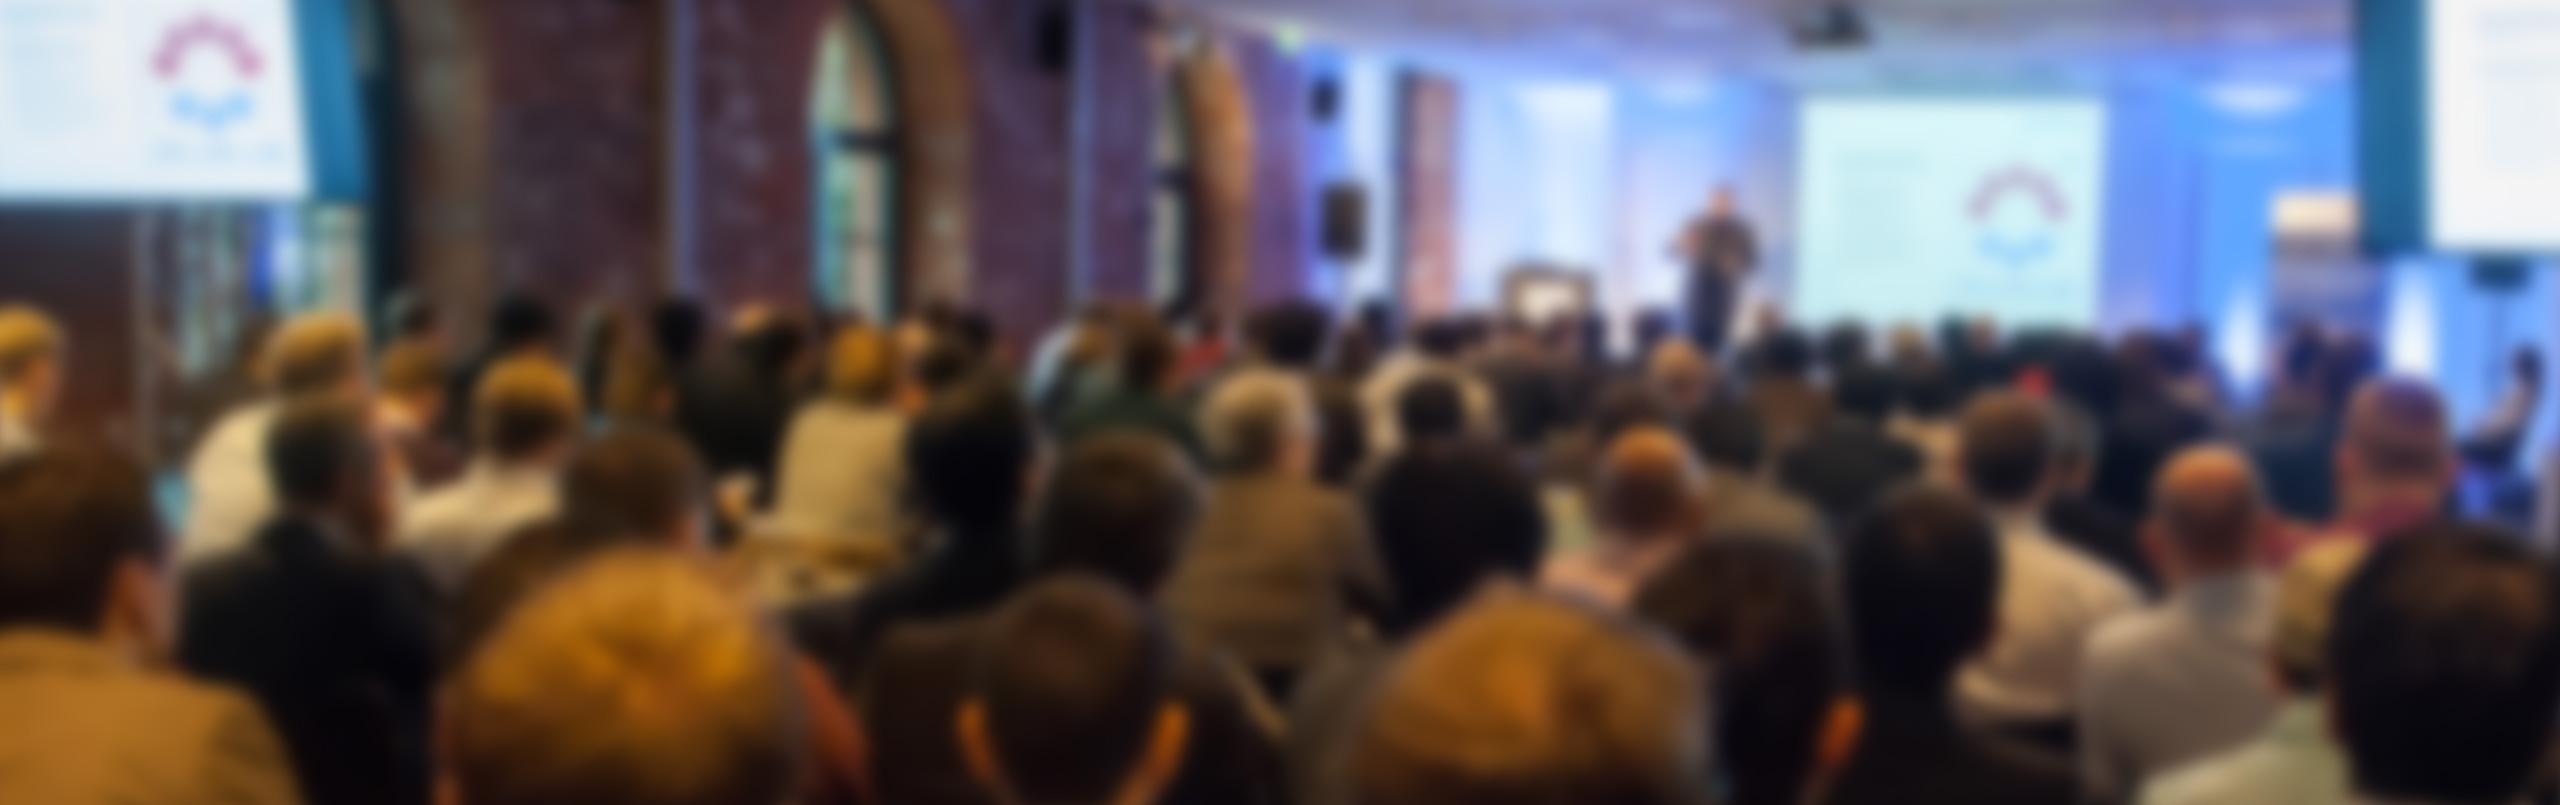 escar-conference-auditorium-blurred